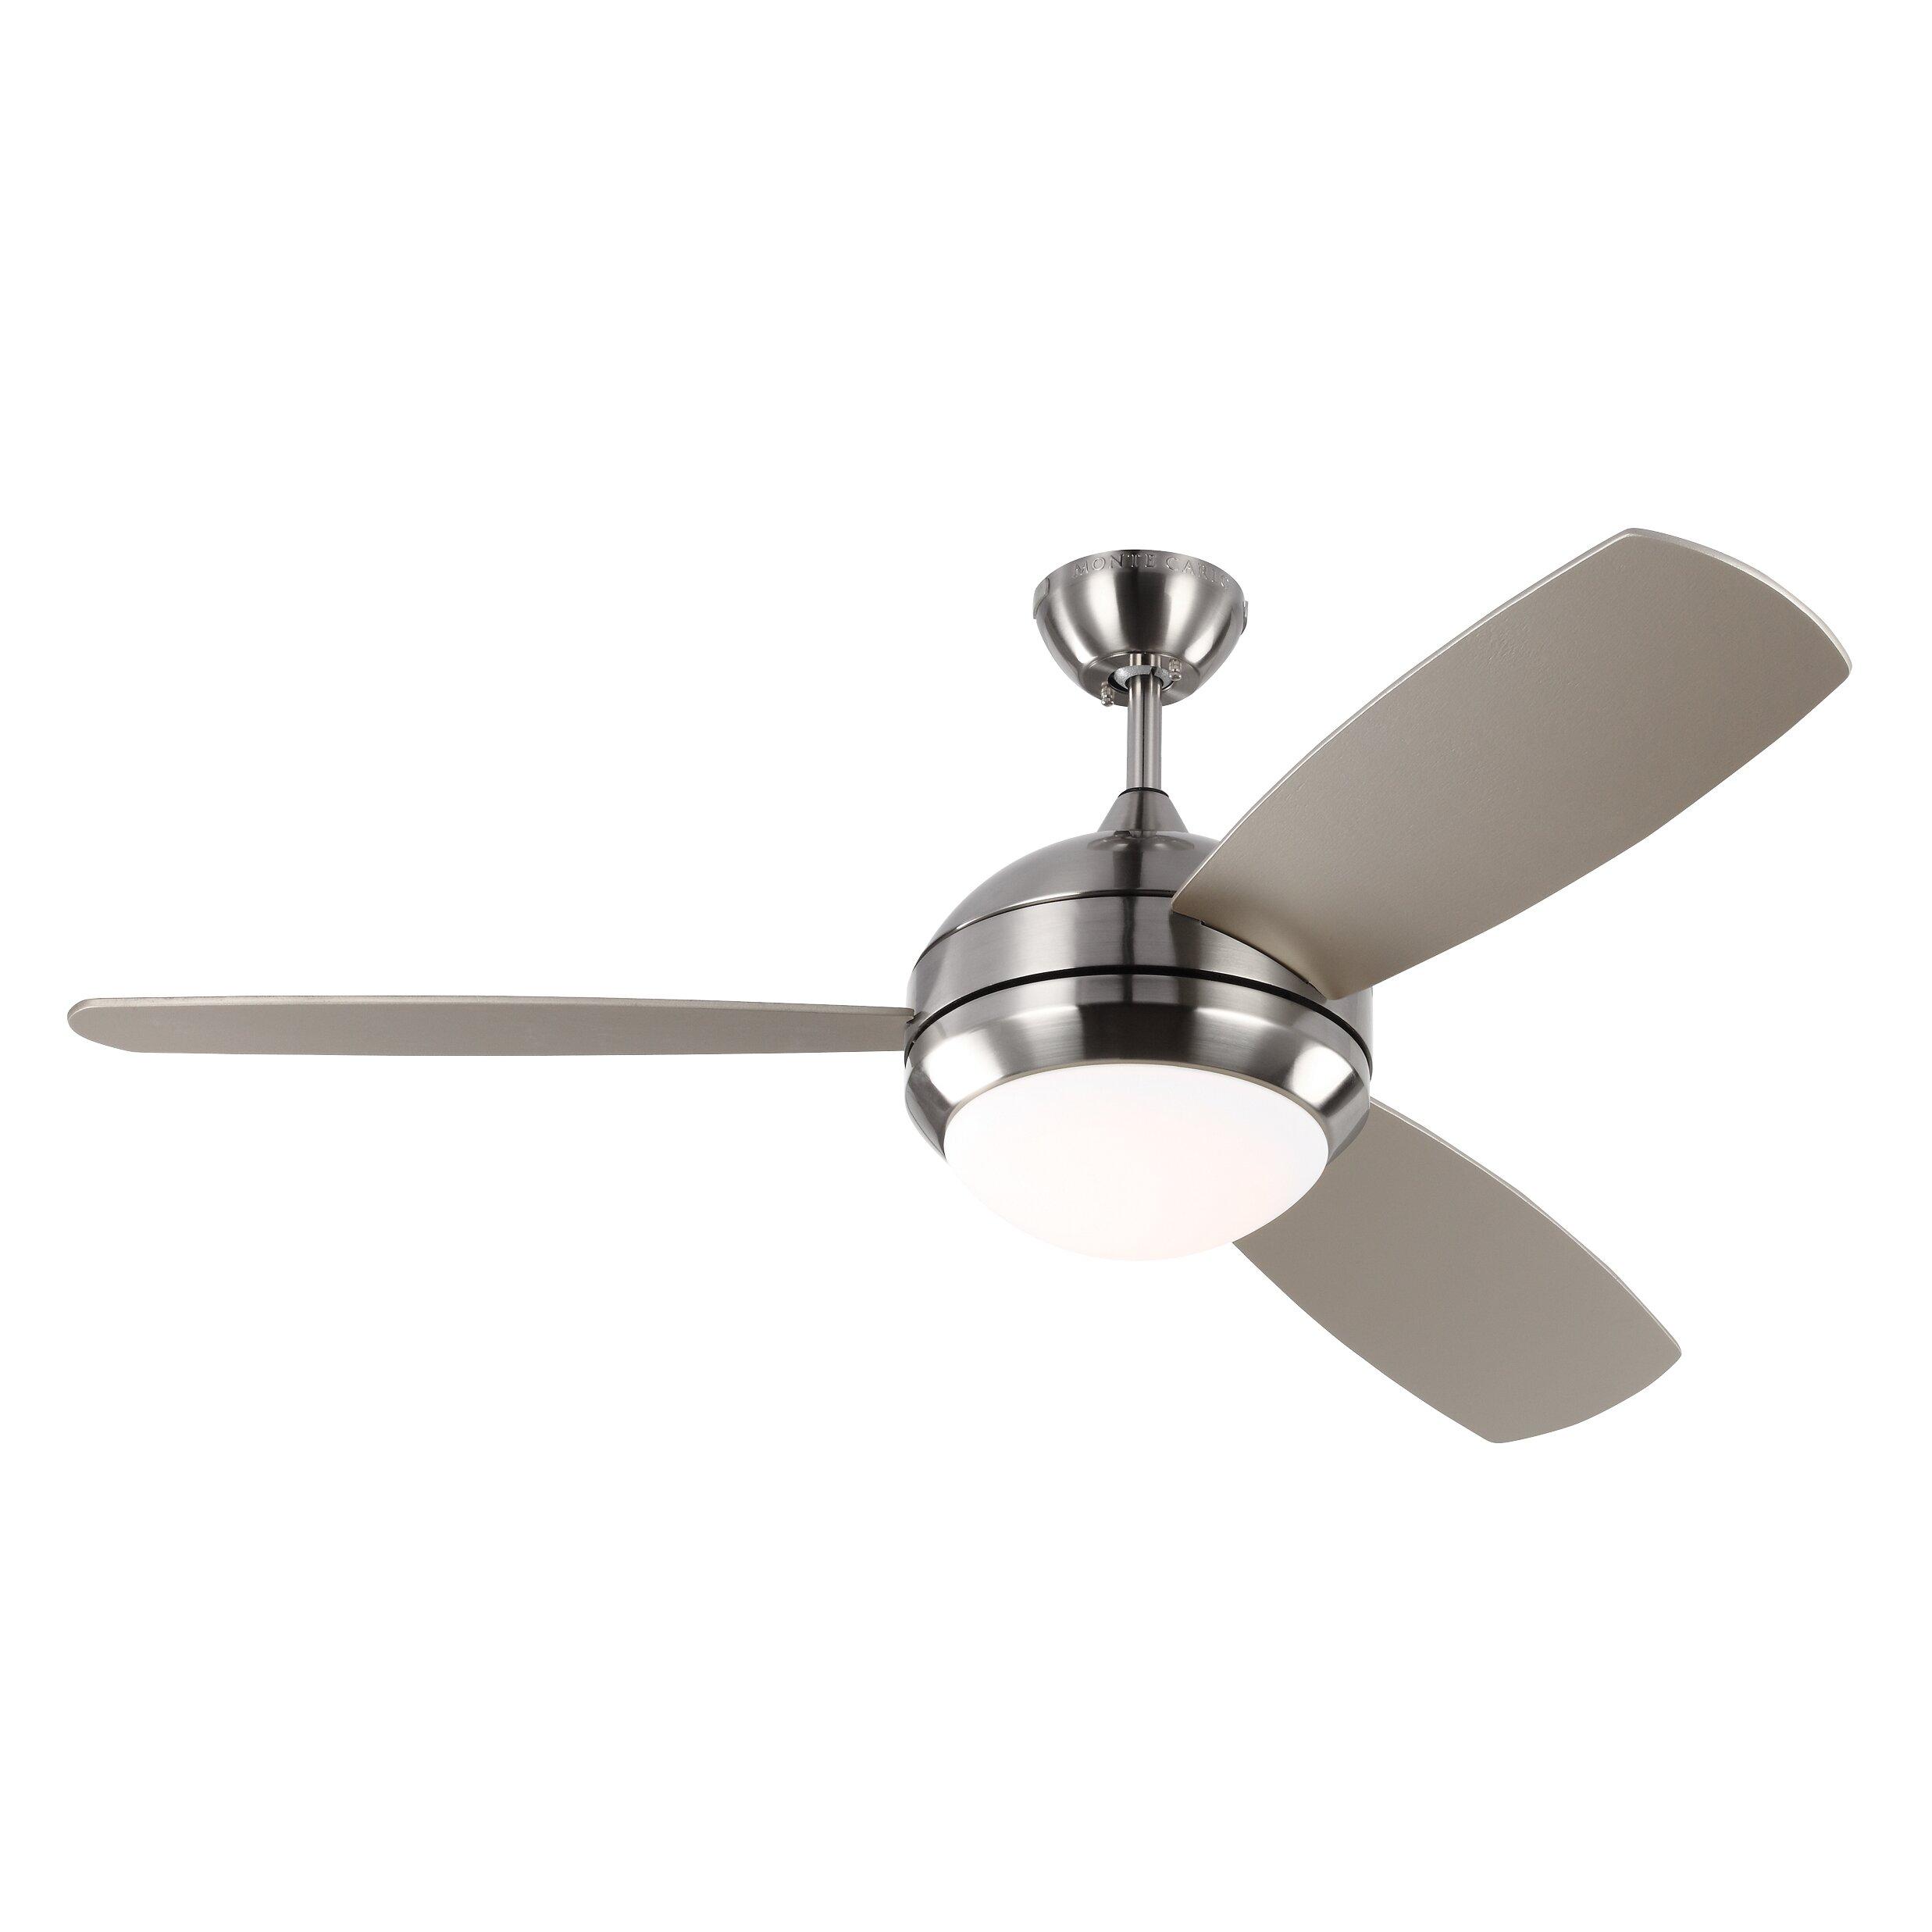 Brayden Studio 52 Quot Lamptrai 3 Blade Ceiling Fan With